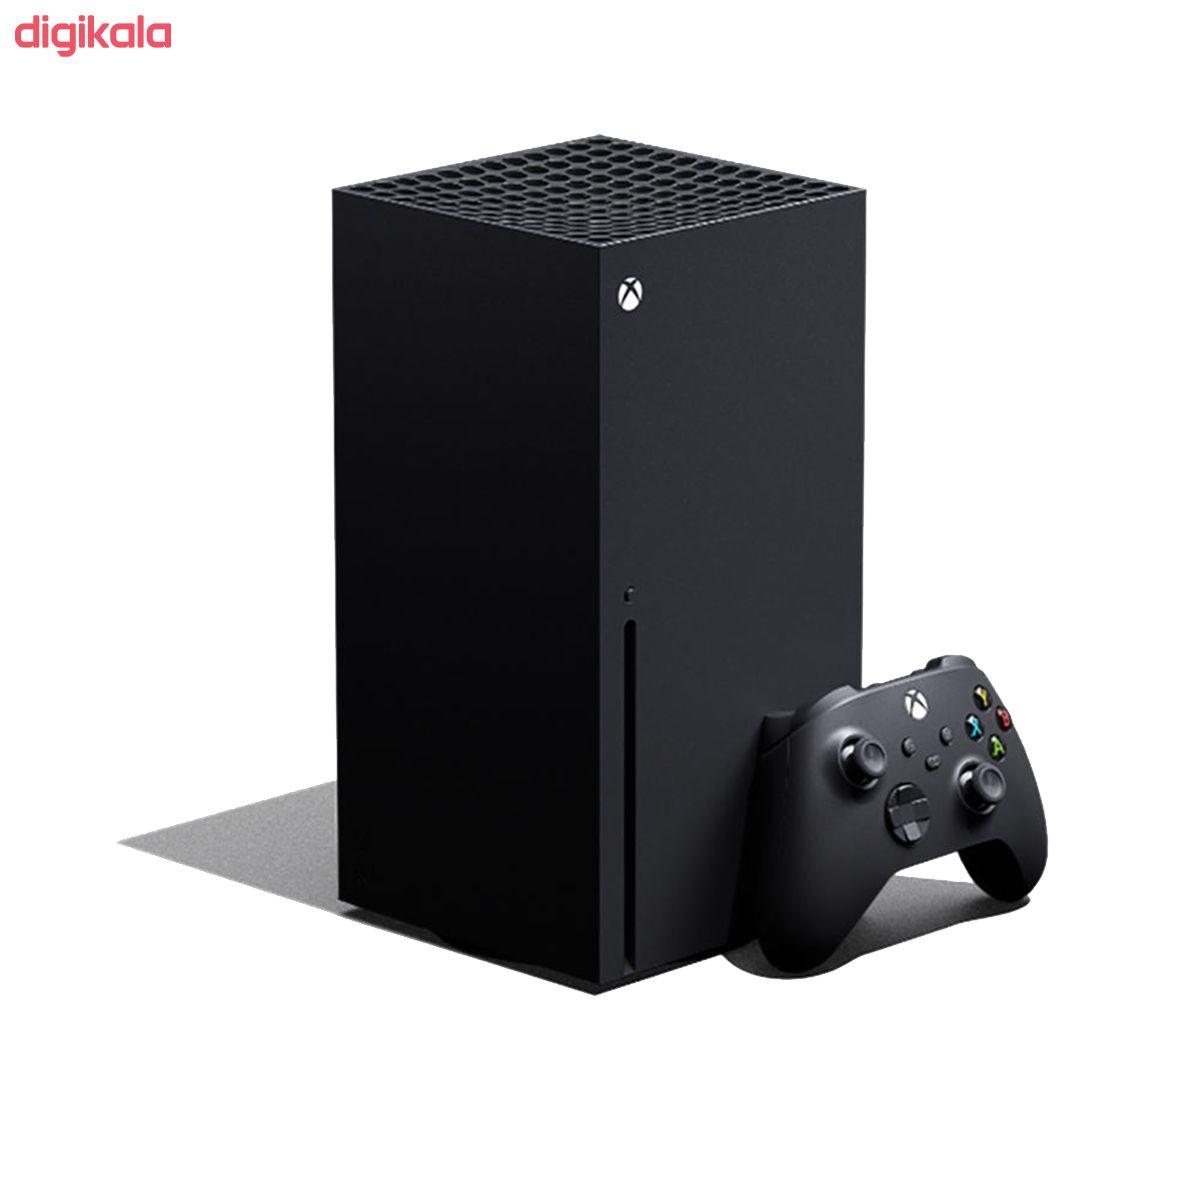 مجموعه کنسول بازی مایکروسافت مدل Xbox Series X ظرفیت 1 ترابایت main 1 2